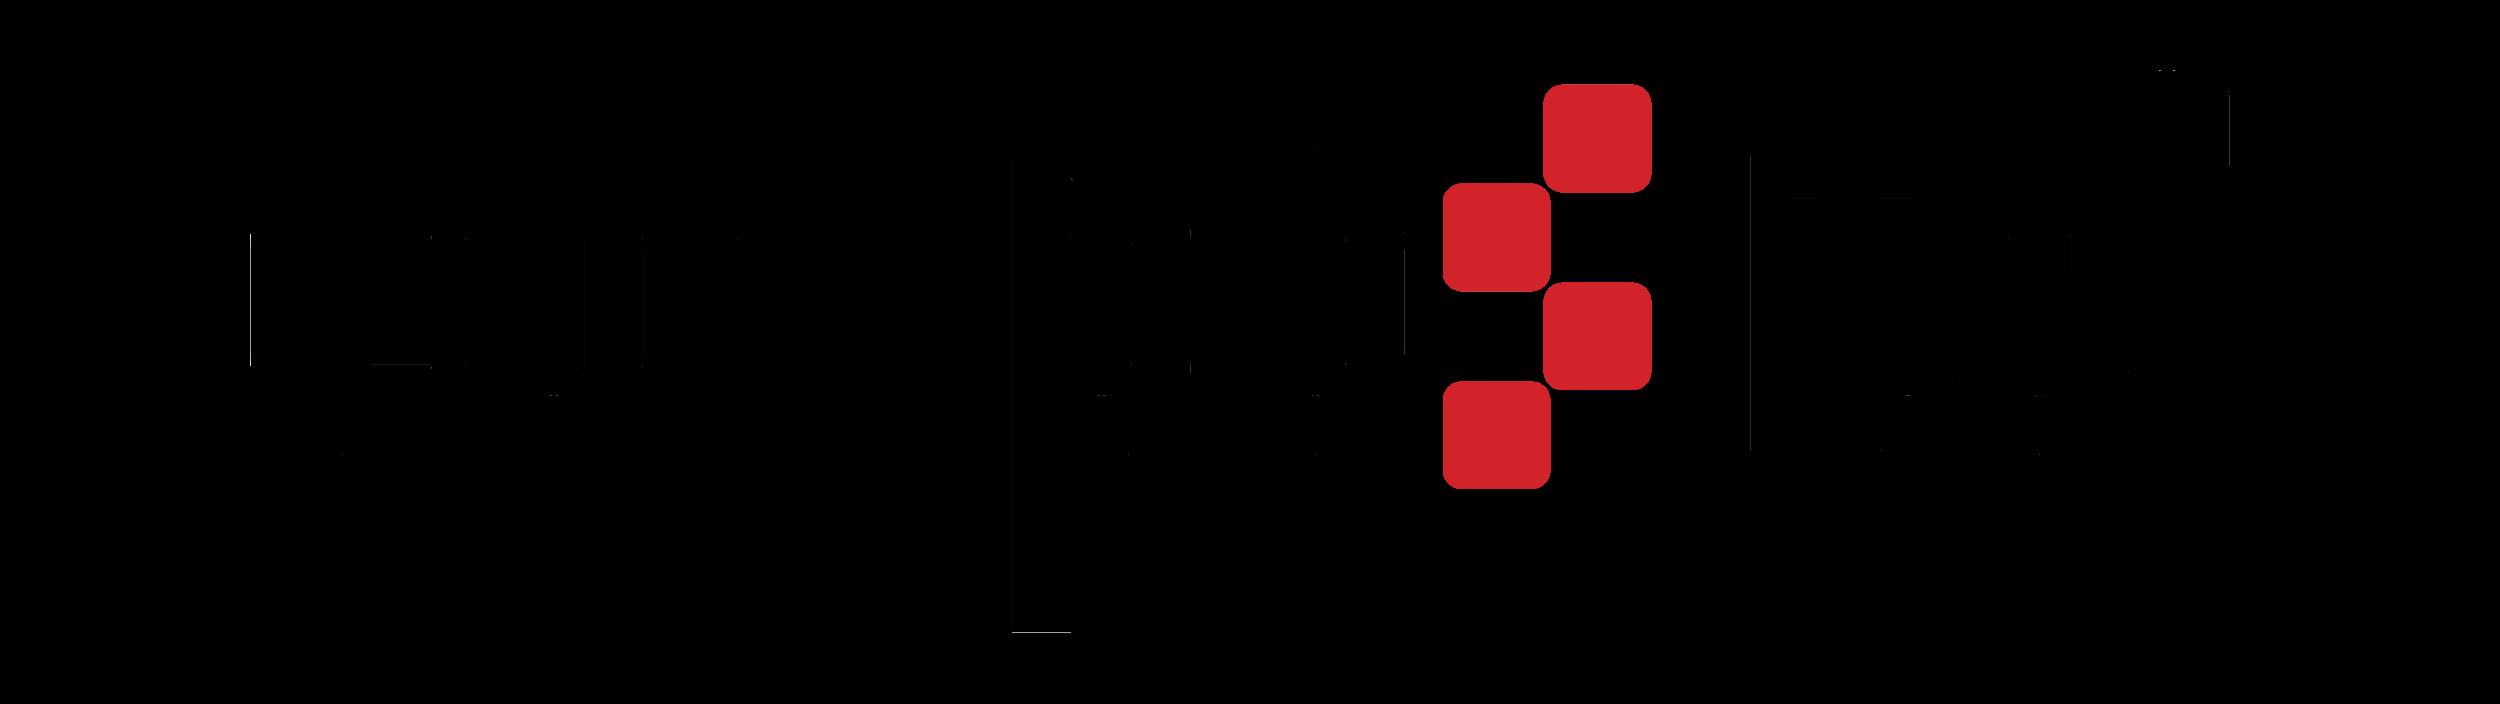 Composite-C1-logo